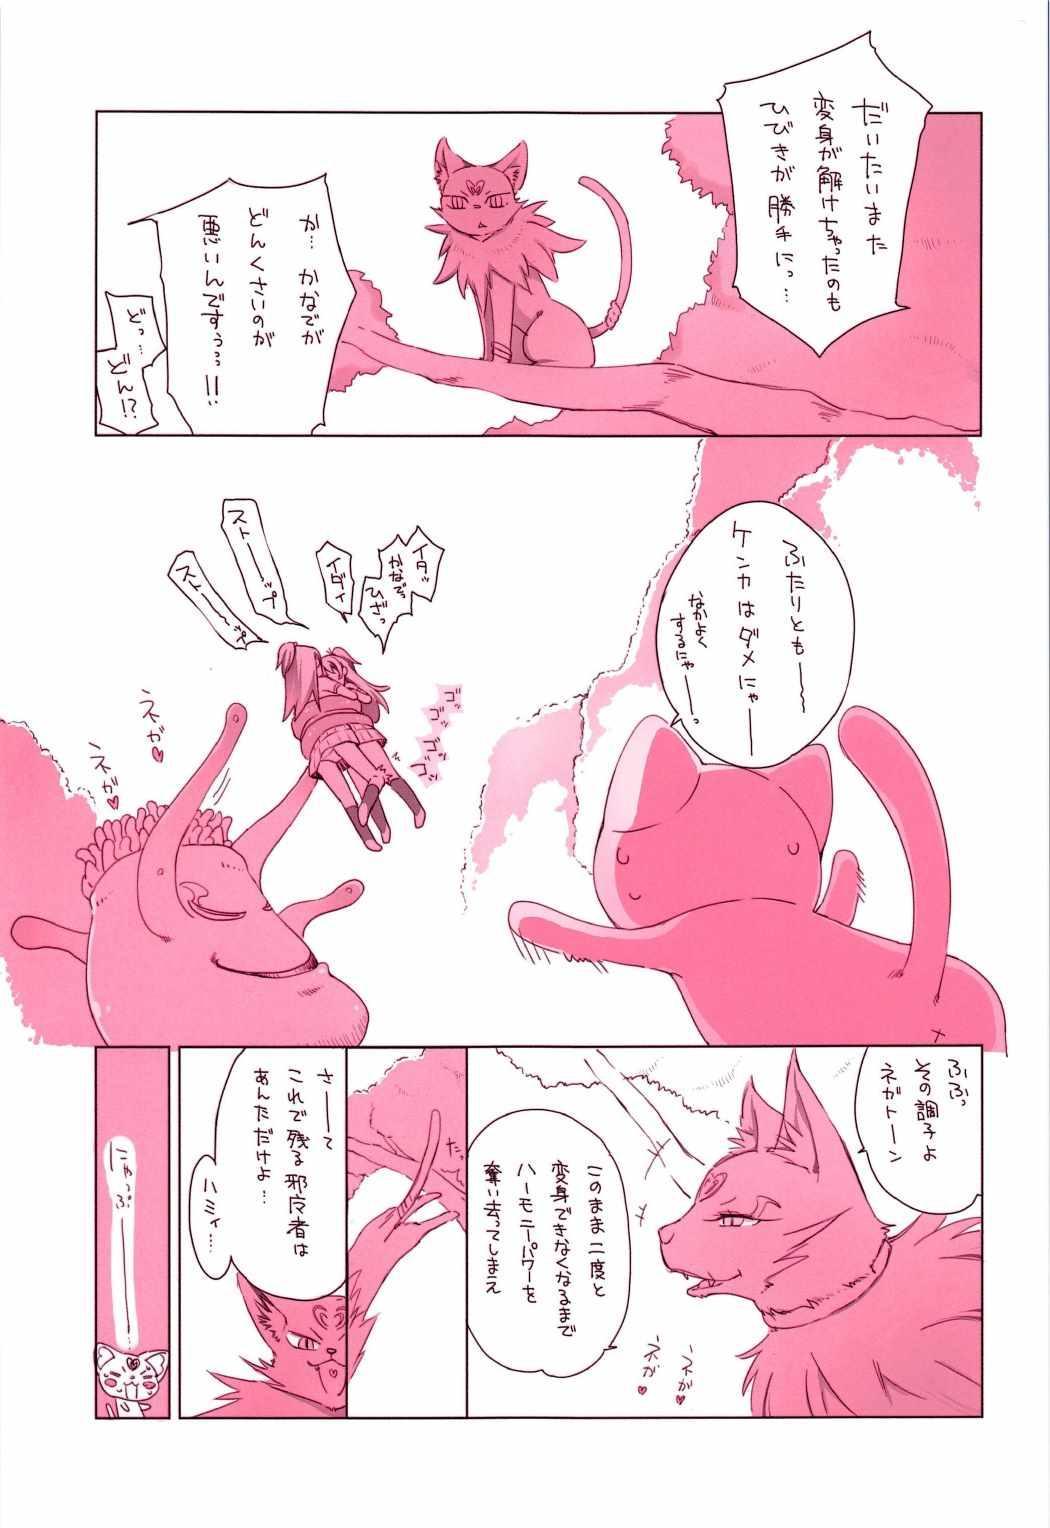 Kanon-chou HibiKana Kyoku 2